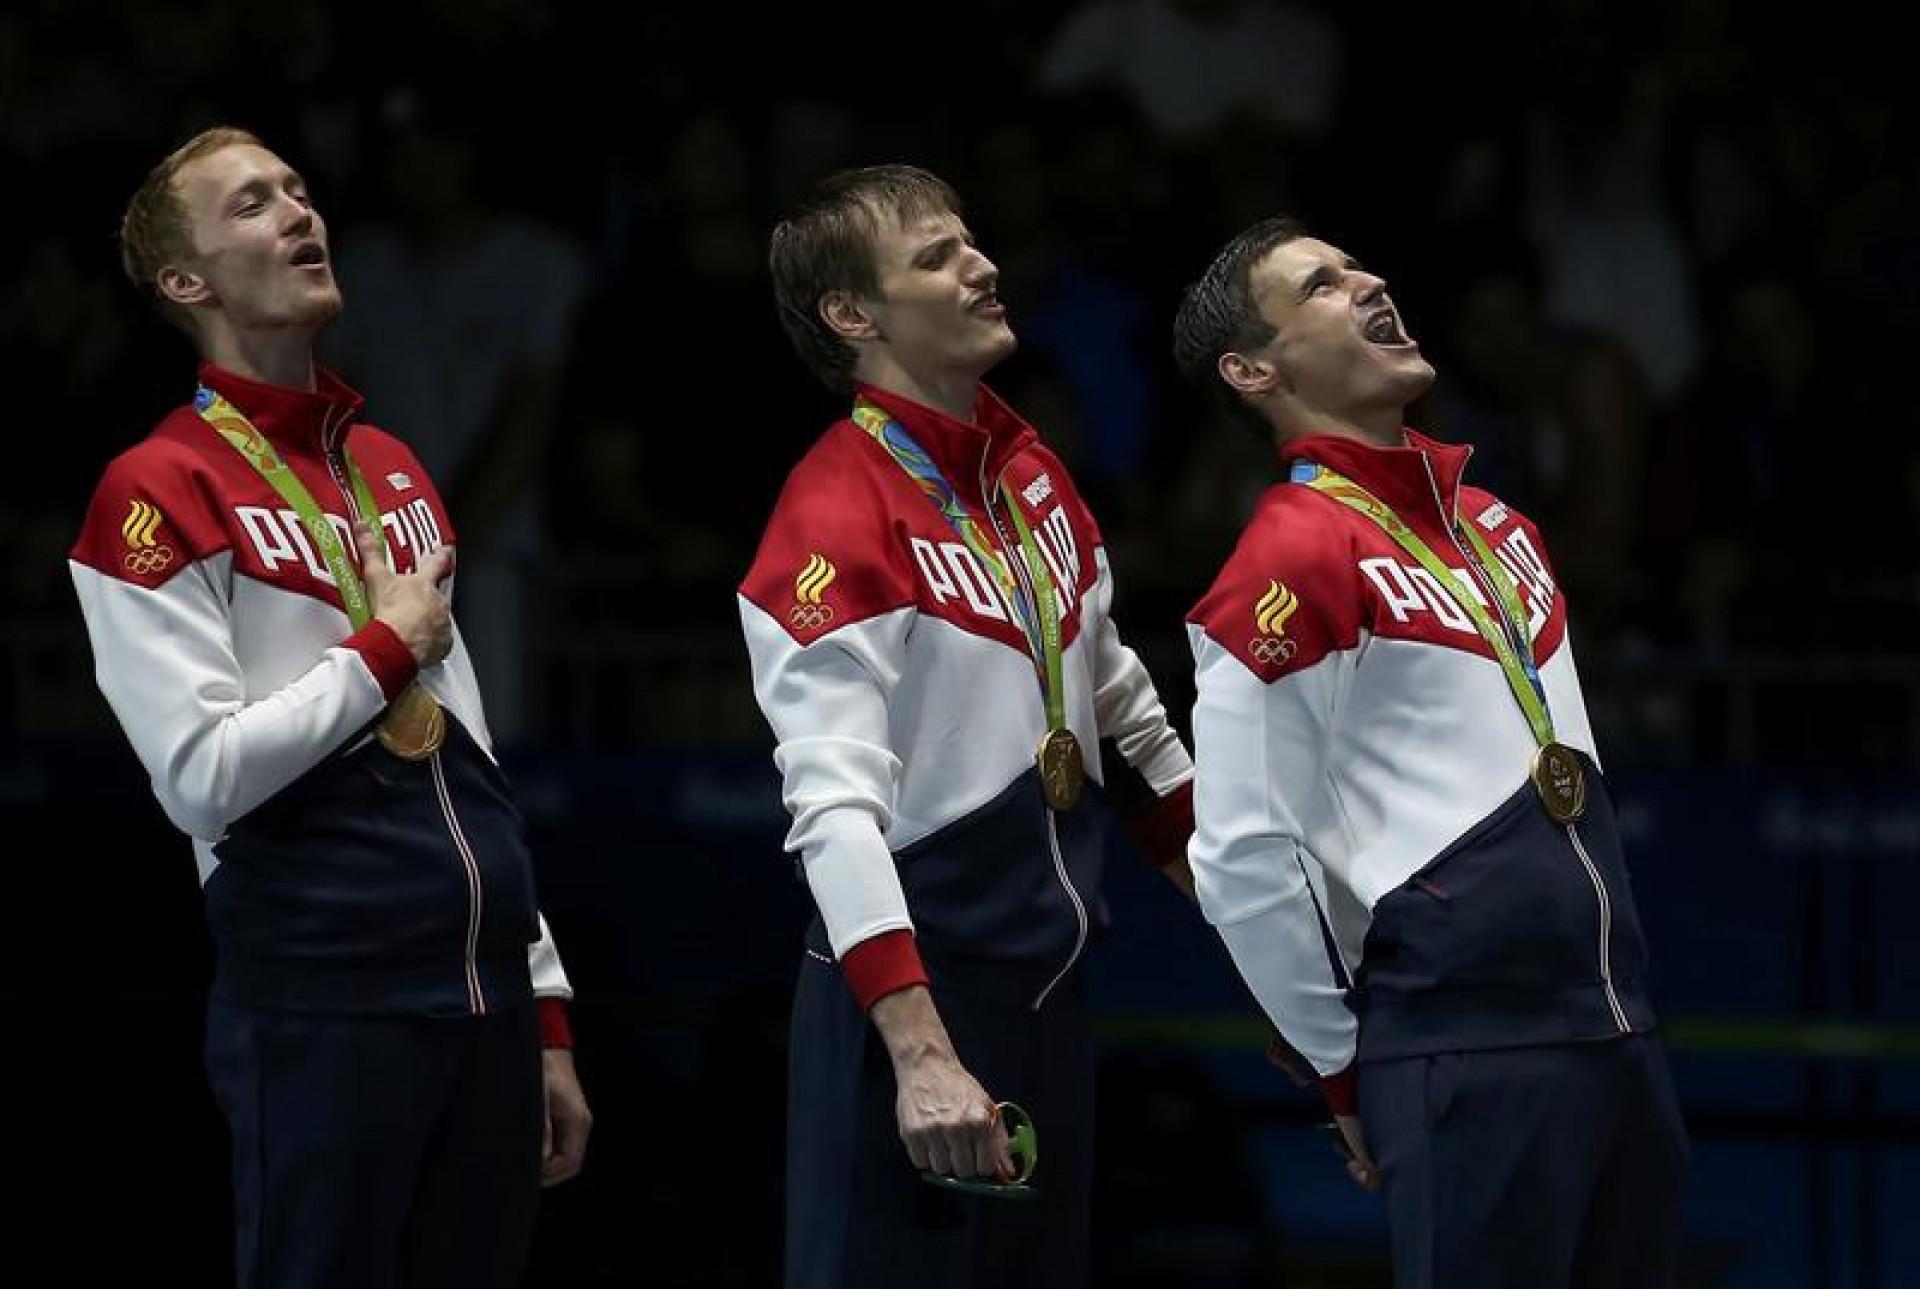 какие места занимала на олимпийских